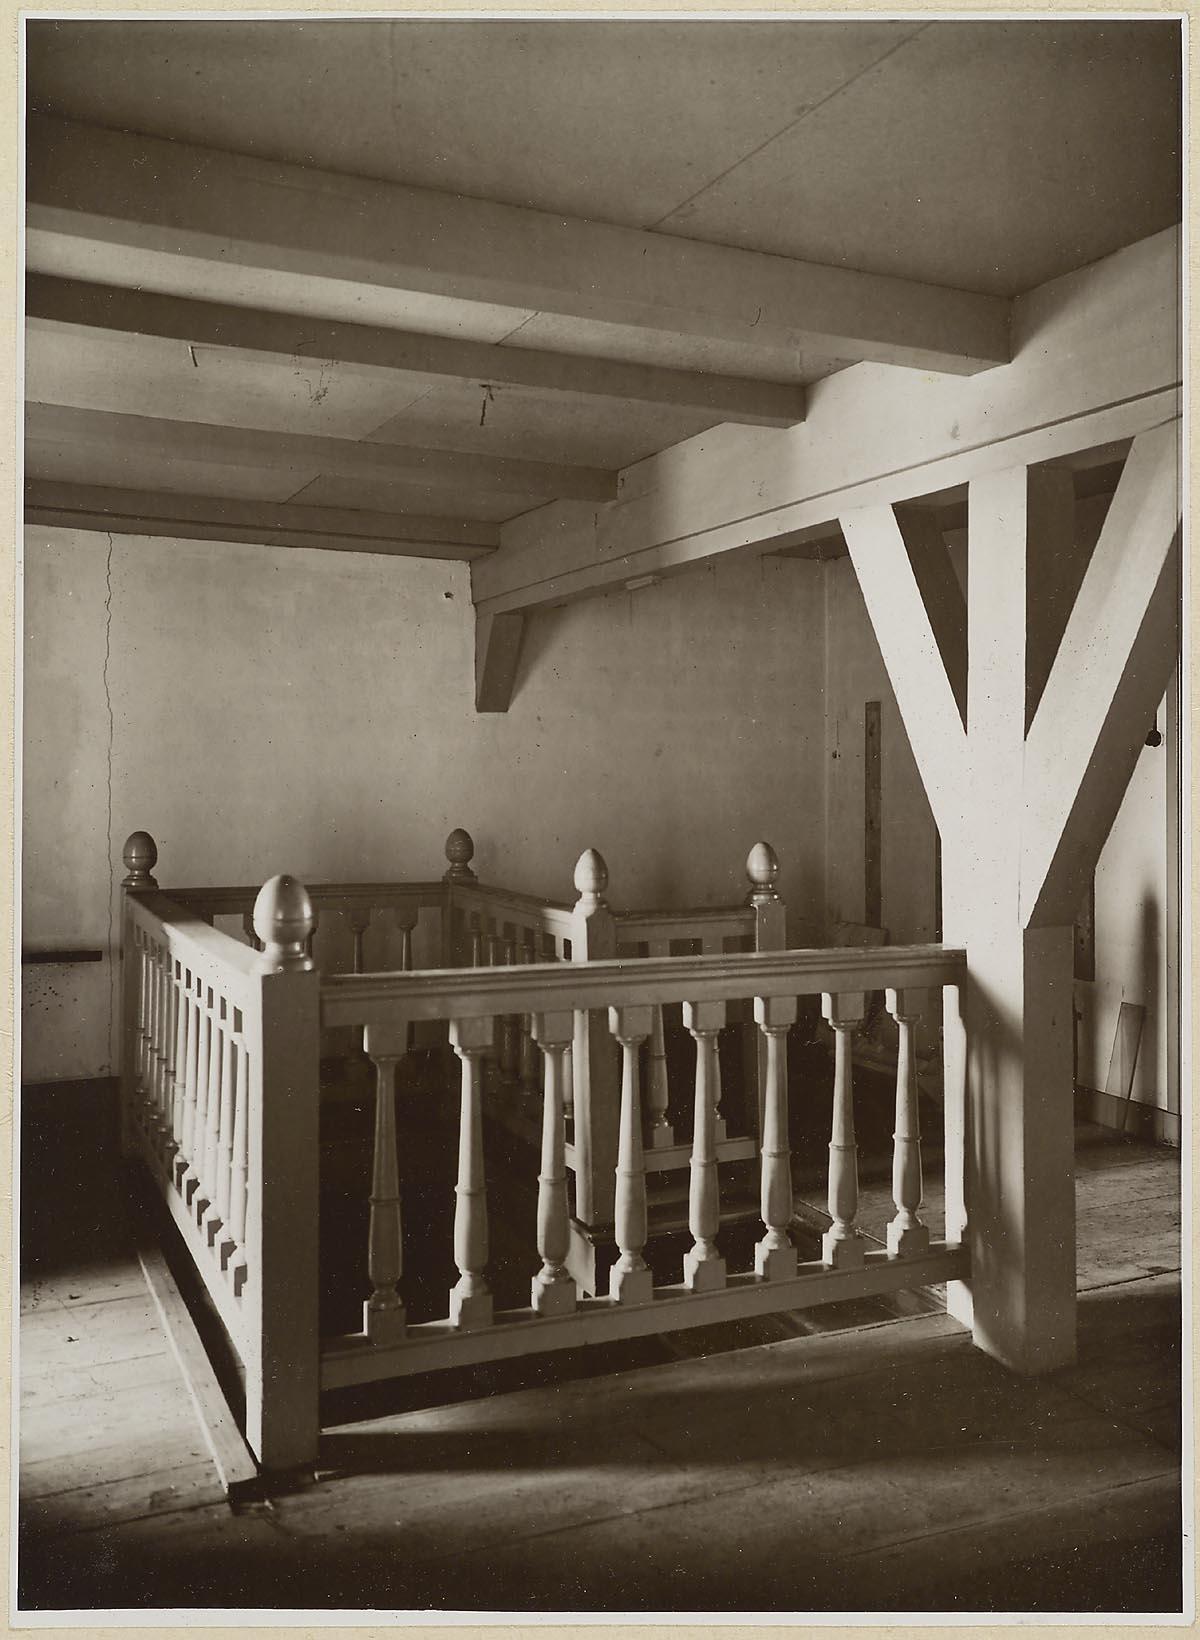 39 s gravenhage korte vijverberg 3 interieur balustrade op for Balustrade trap